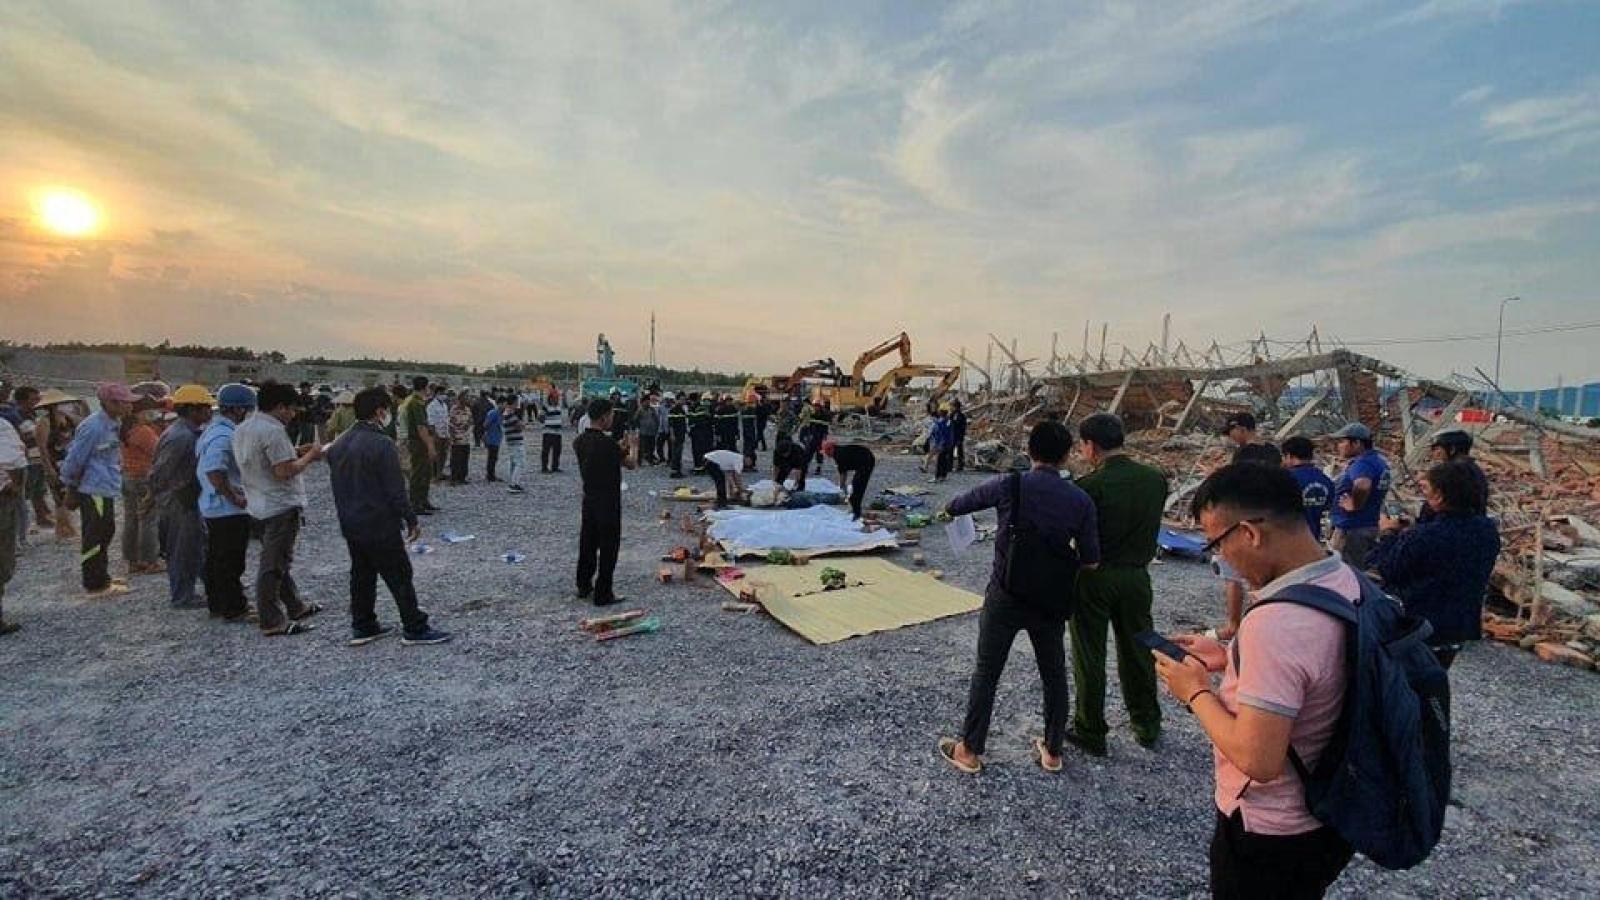 Sập công trình khiến 10 người chết: Xác định công ty trúng thầu gói xây dựng